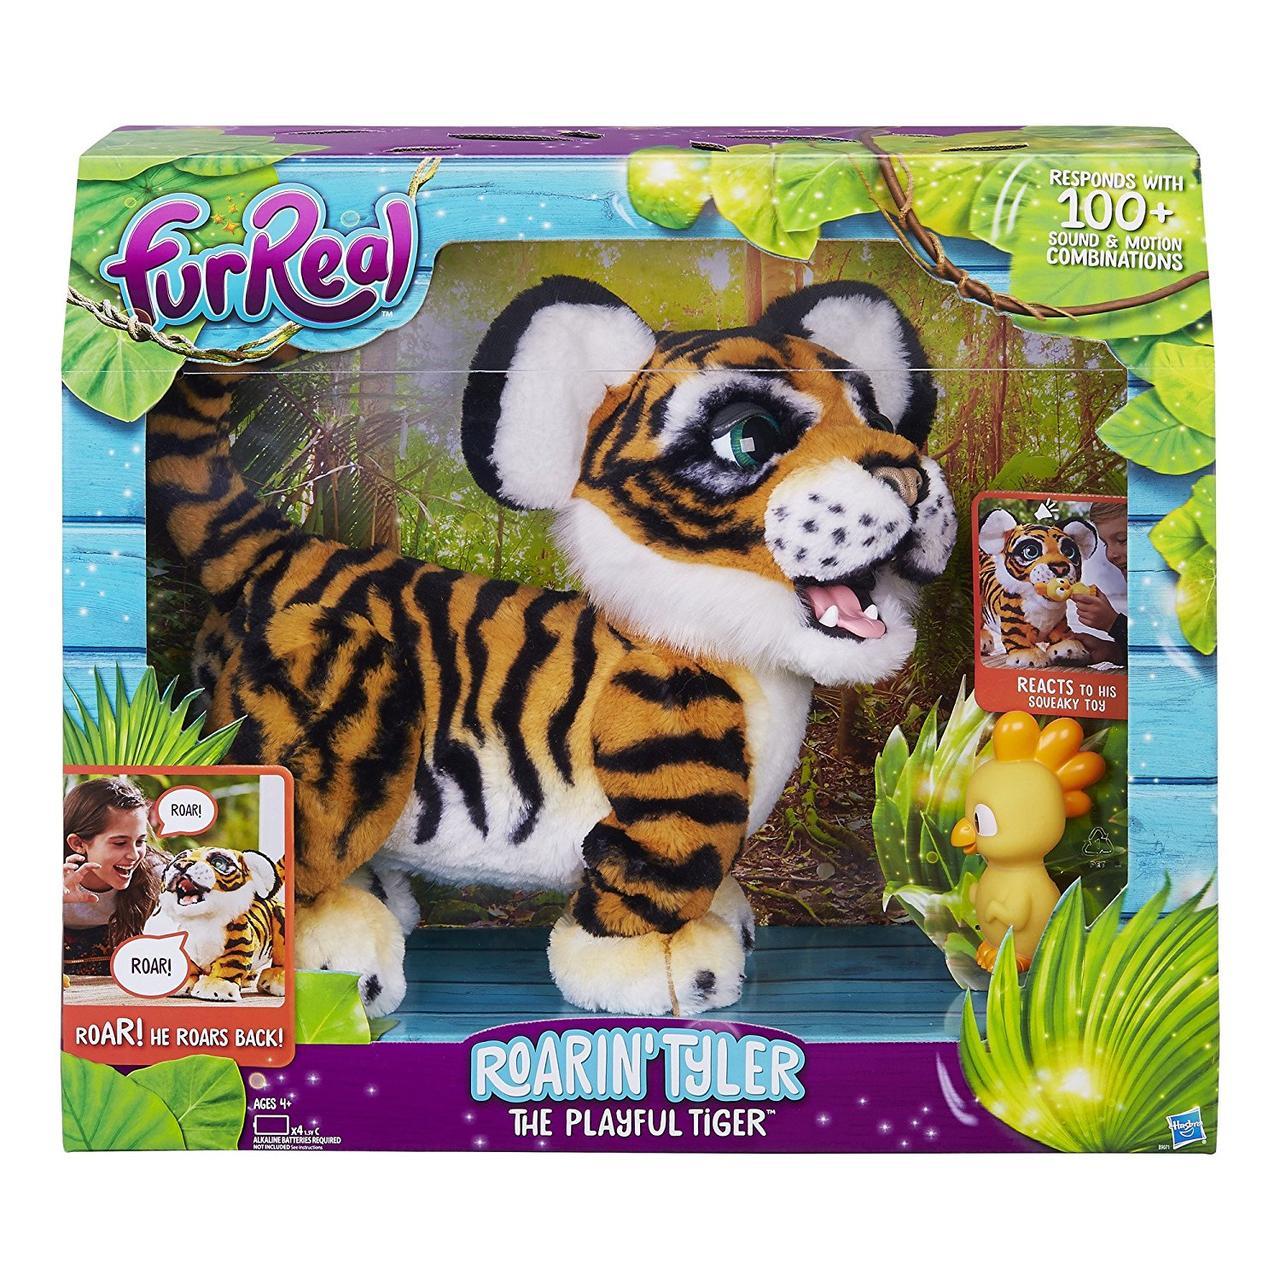 Интерактивный тигрёнок Тайлер (Амурчик), FurReal Roarin' Tyler, Hasbro, оригинал из США